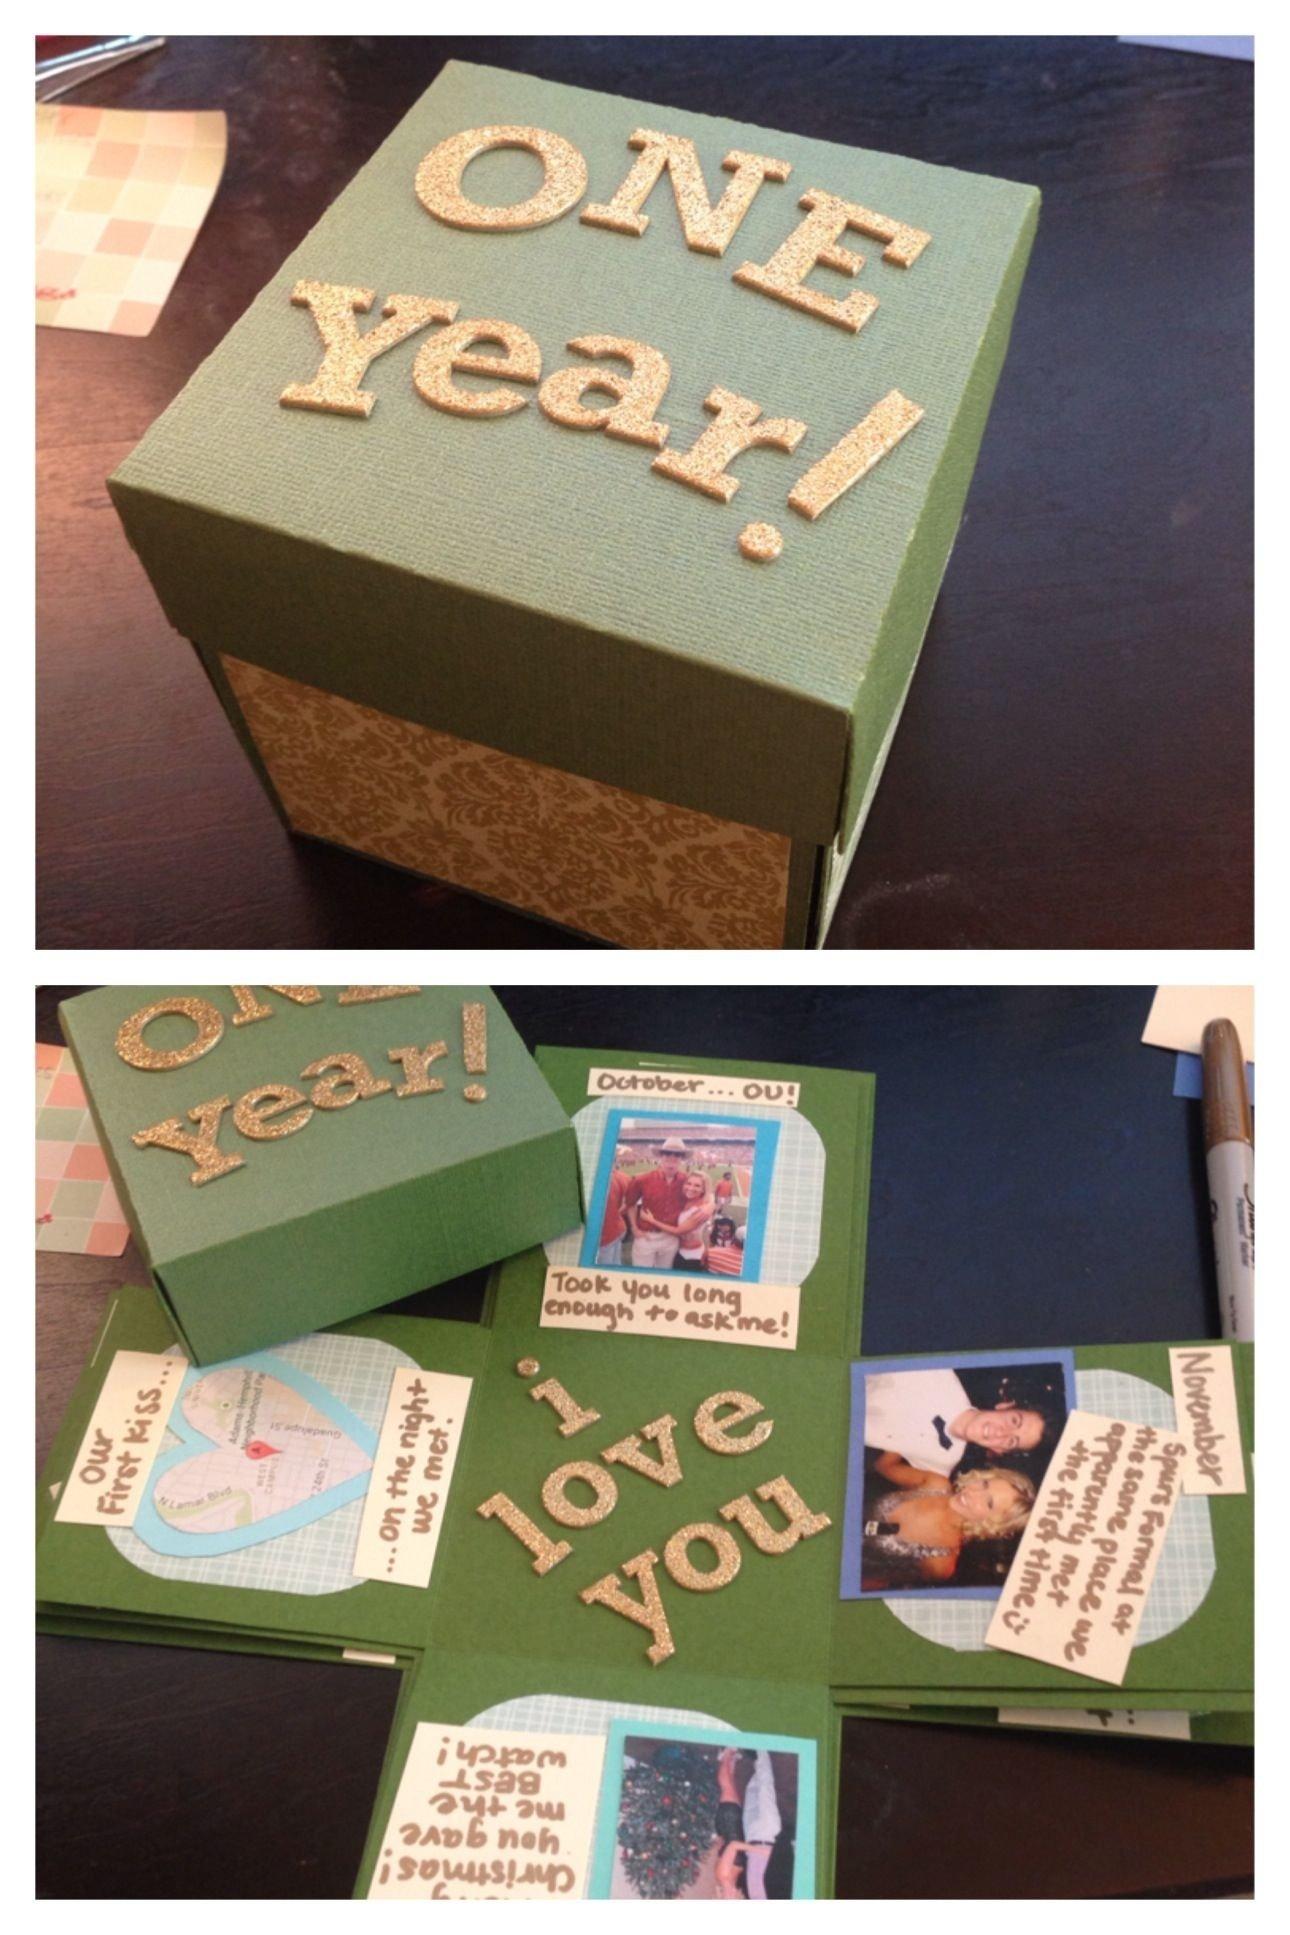 10 Elegant Anniversary Gifts Ideas For Him 19 regalos de aniversario cursis que te convertiran en la mejor 12 2020